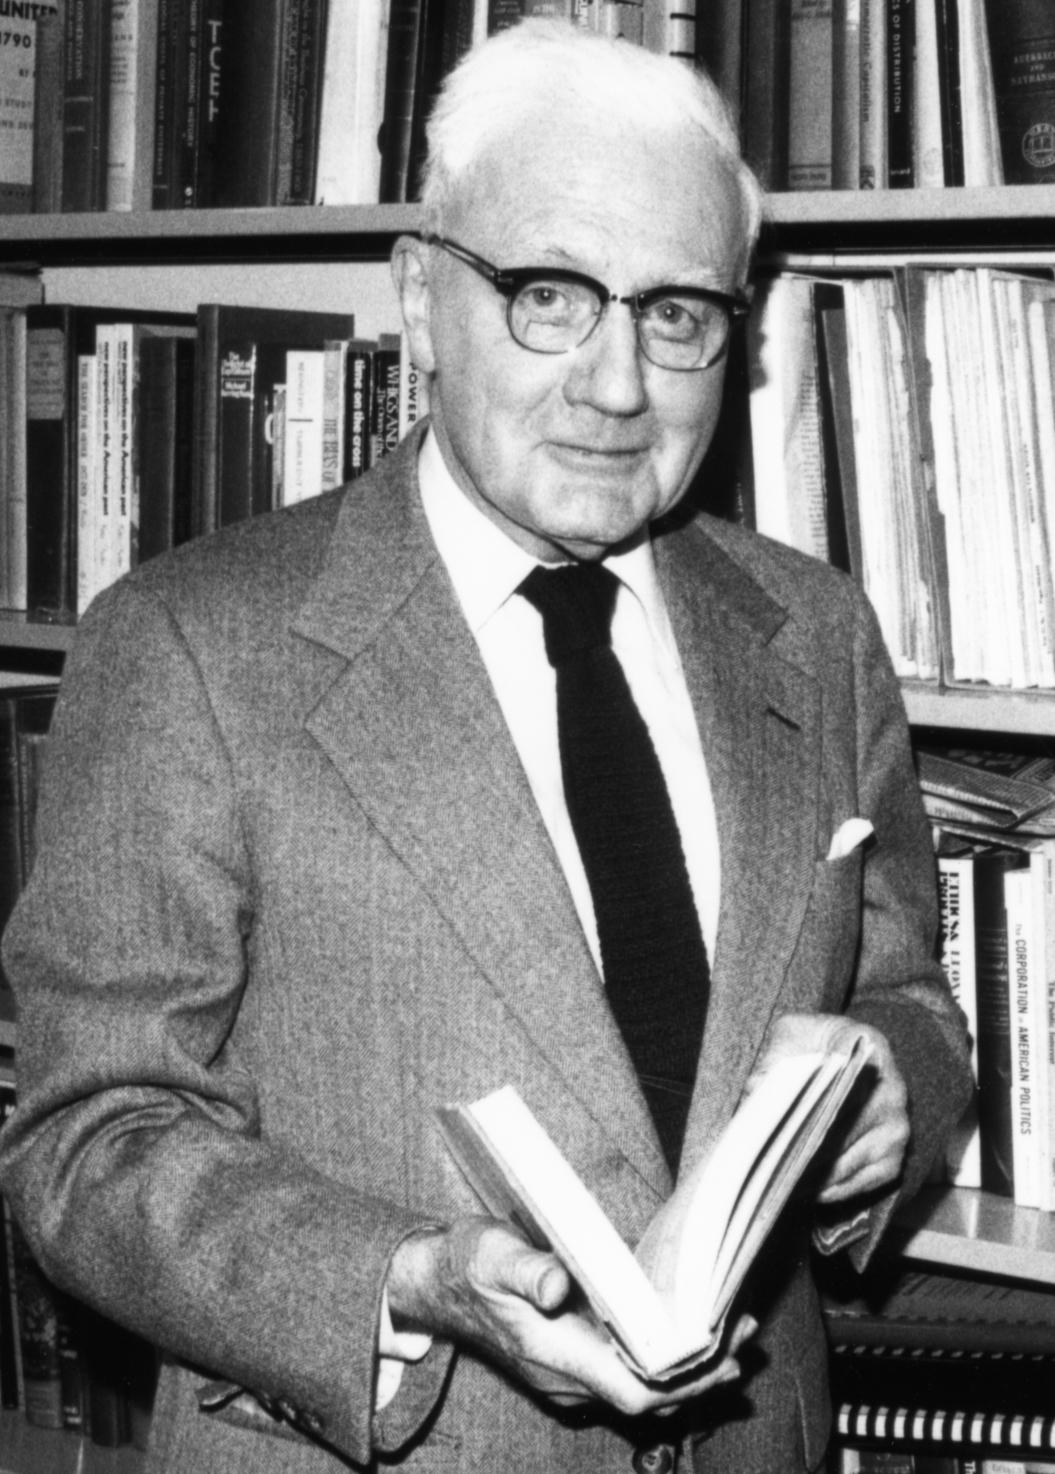 Willard Hurst